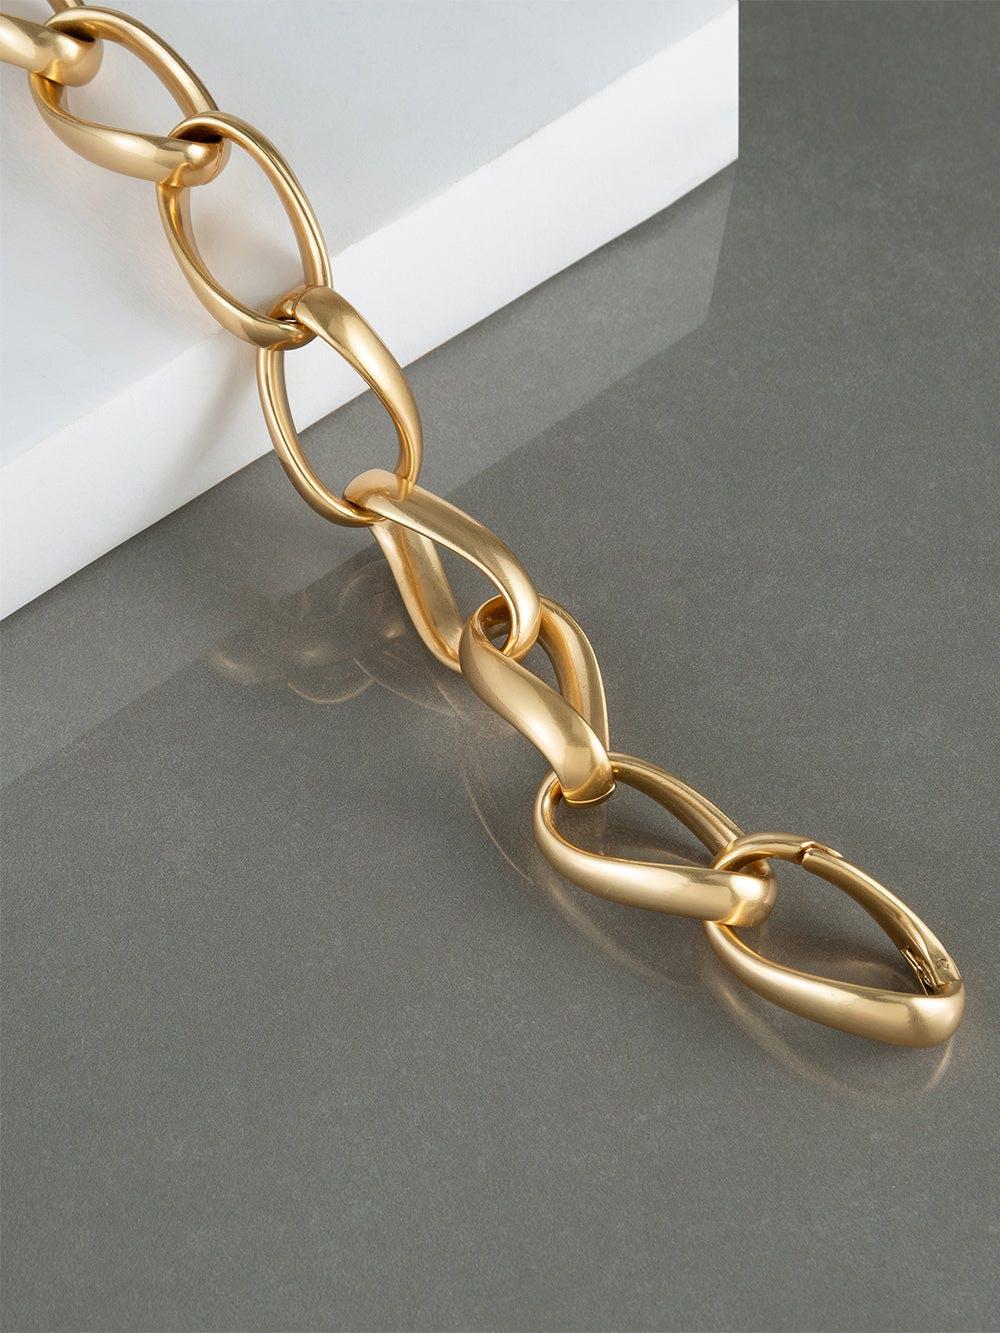 chain detail view